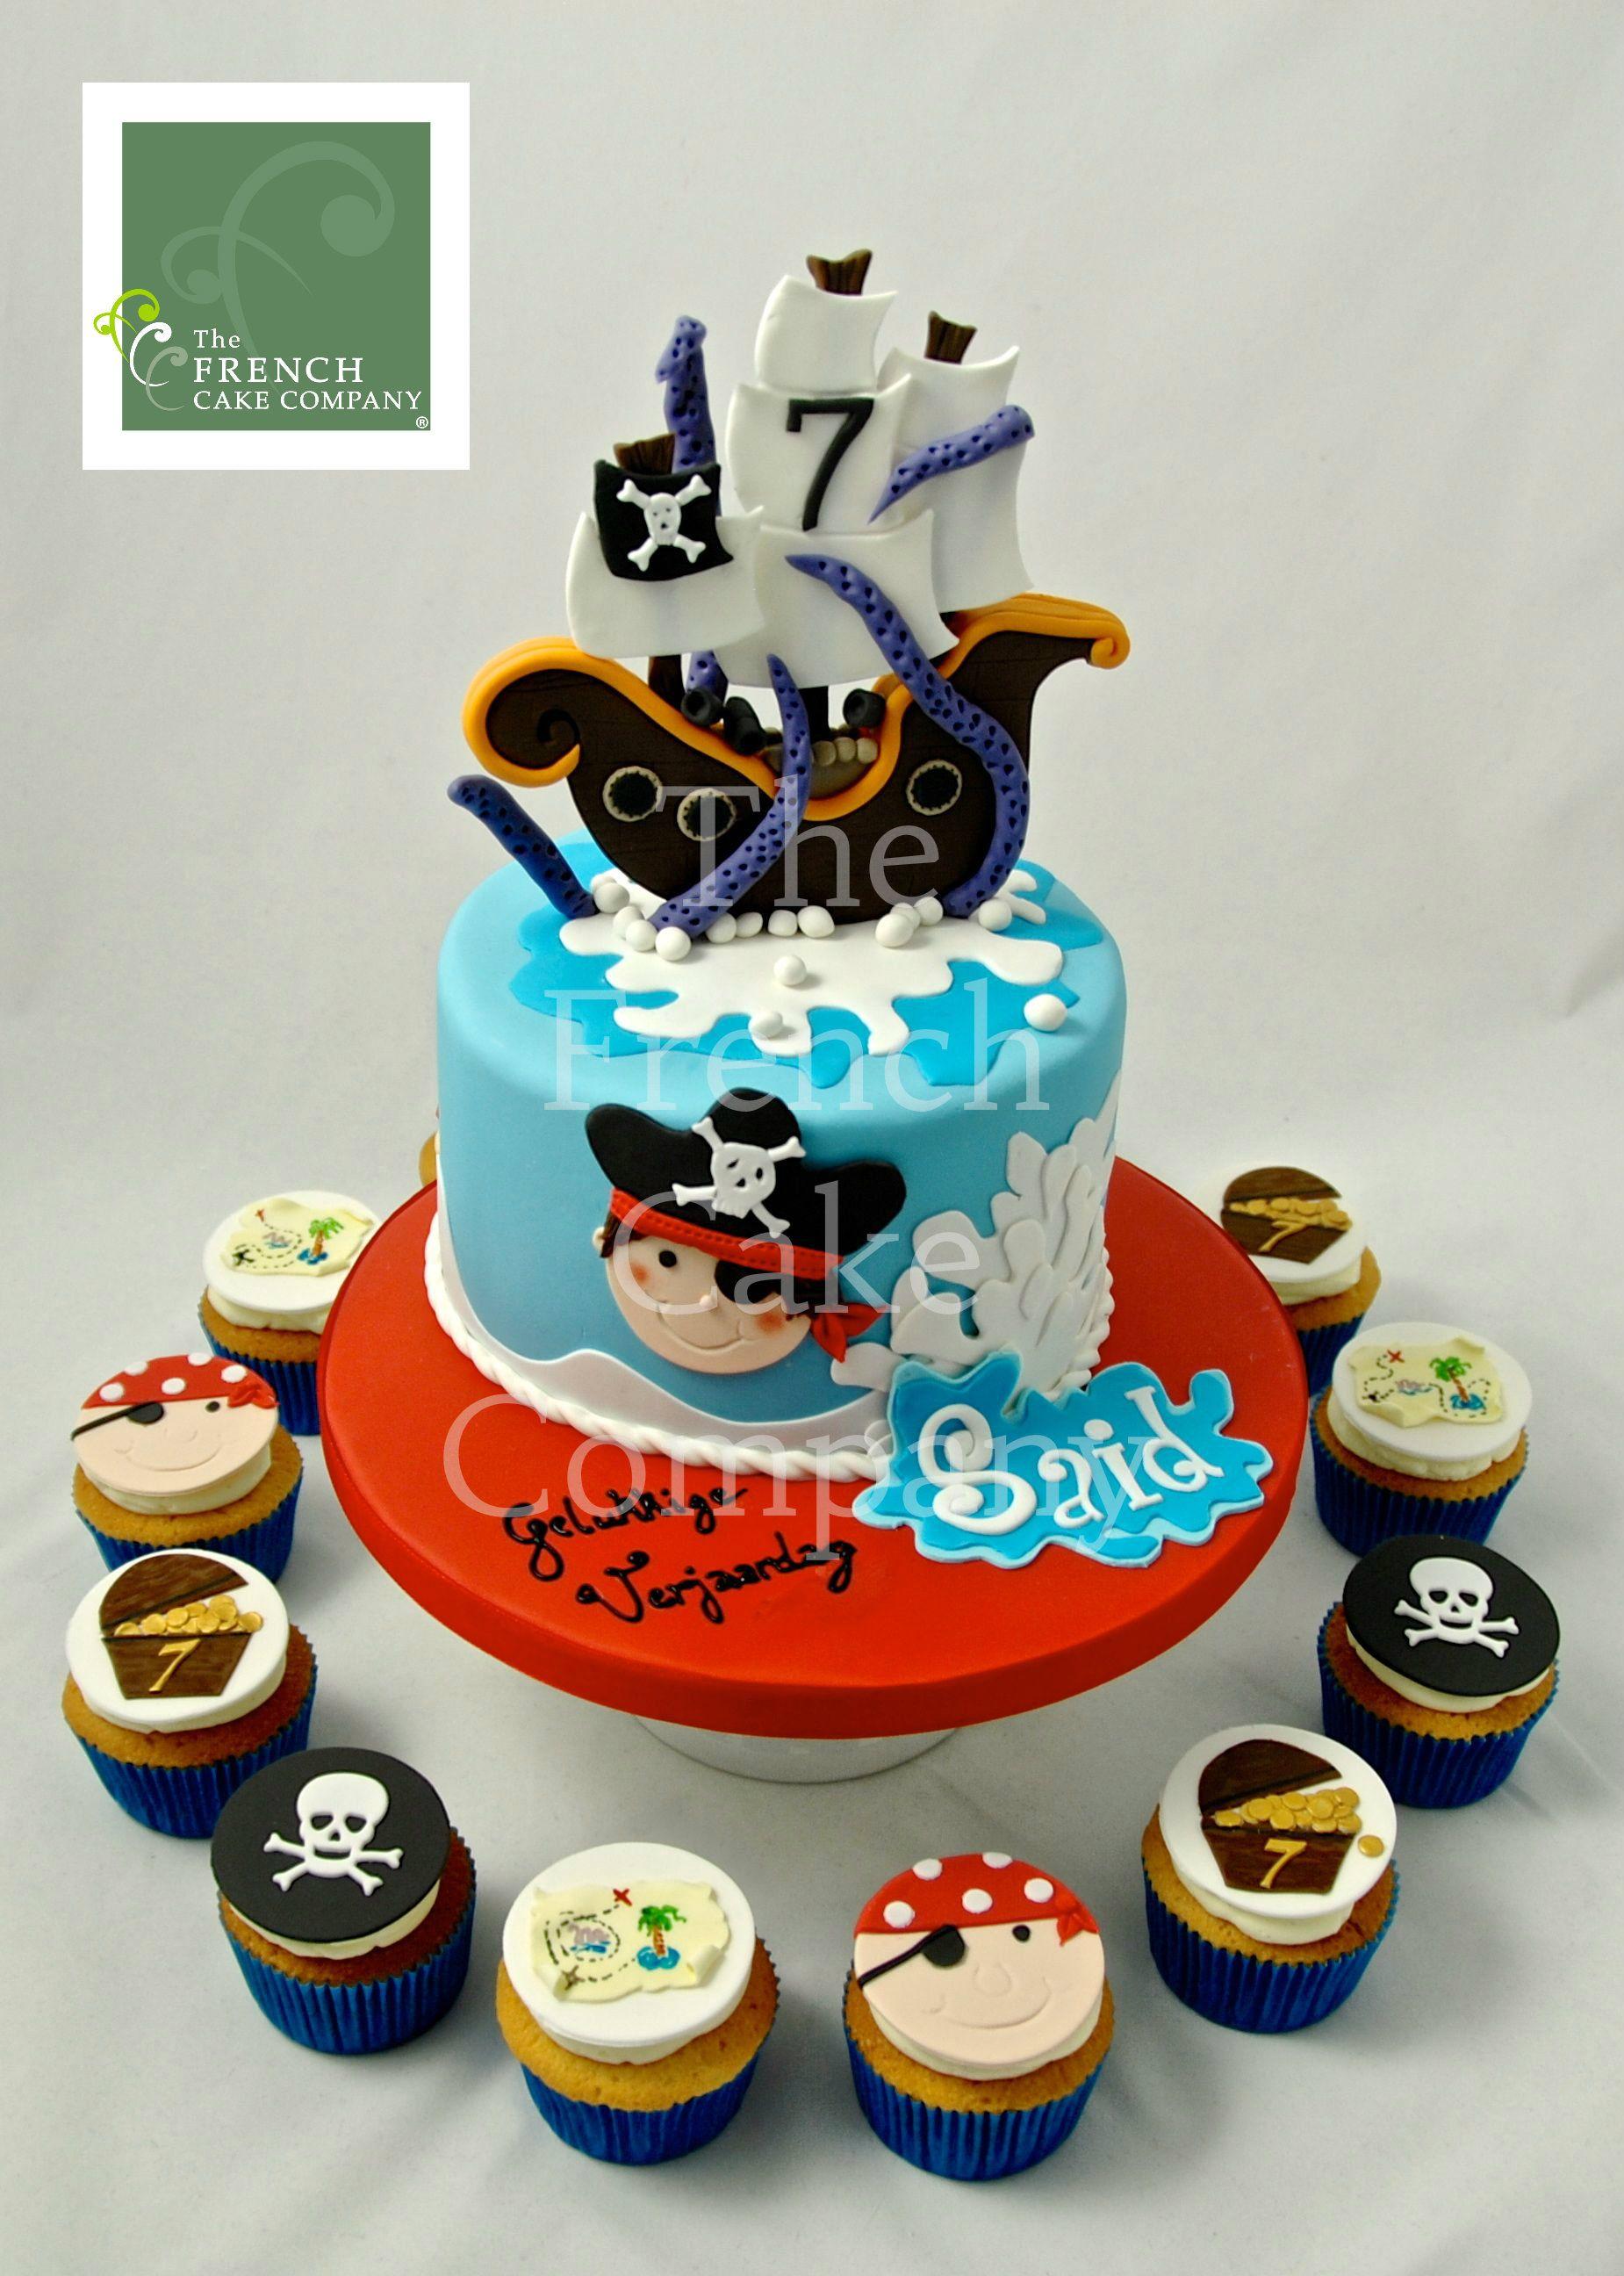 Childrens Birthday Cake Pirate - Gateau D'anniversaire Pour Enfants - Garçon Pirate - Verjaardagstaart